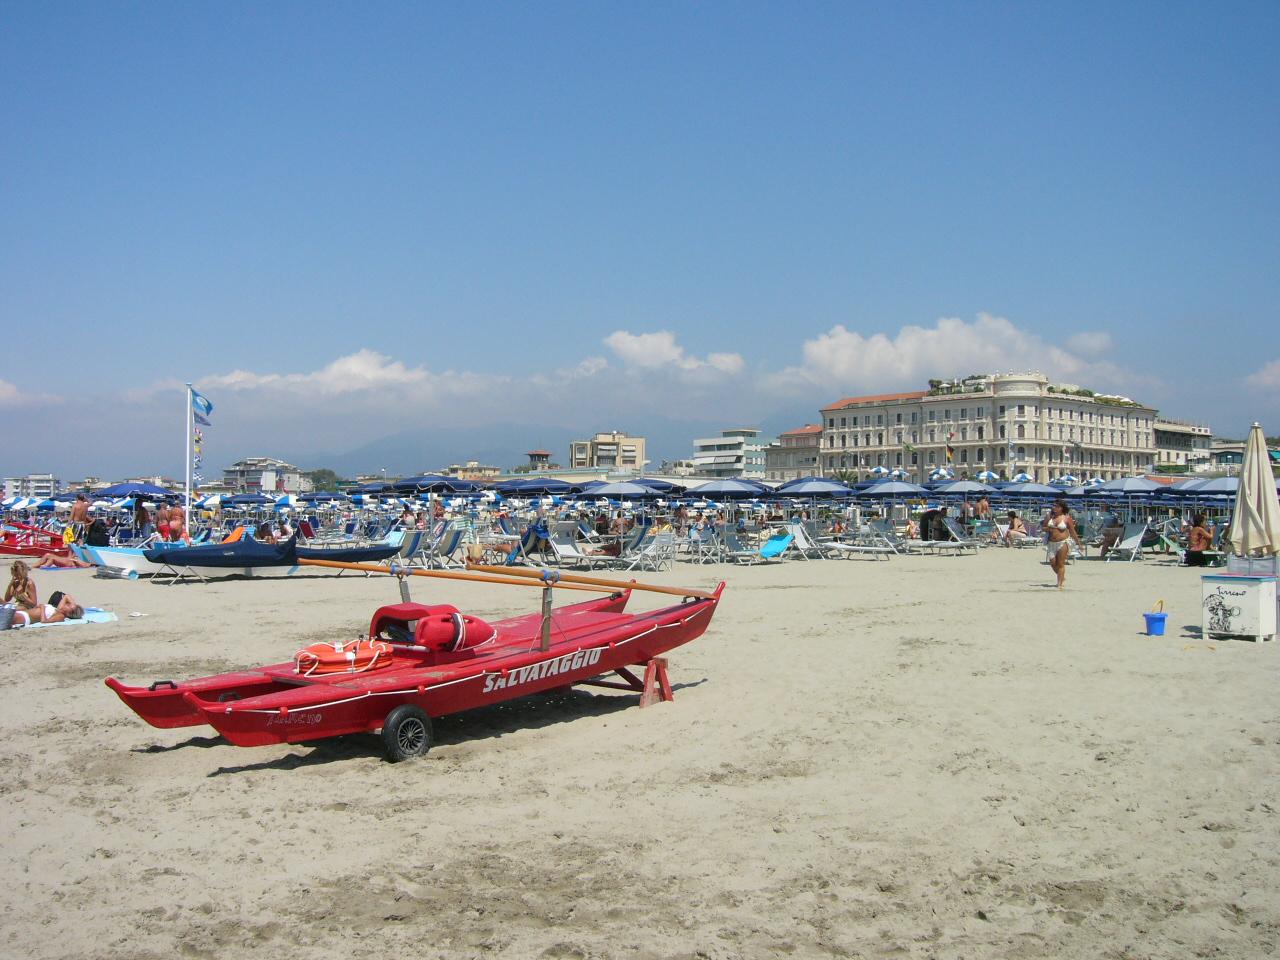 Viareggio, Italy - August 15th, 2008